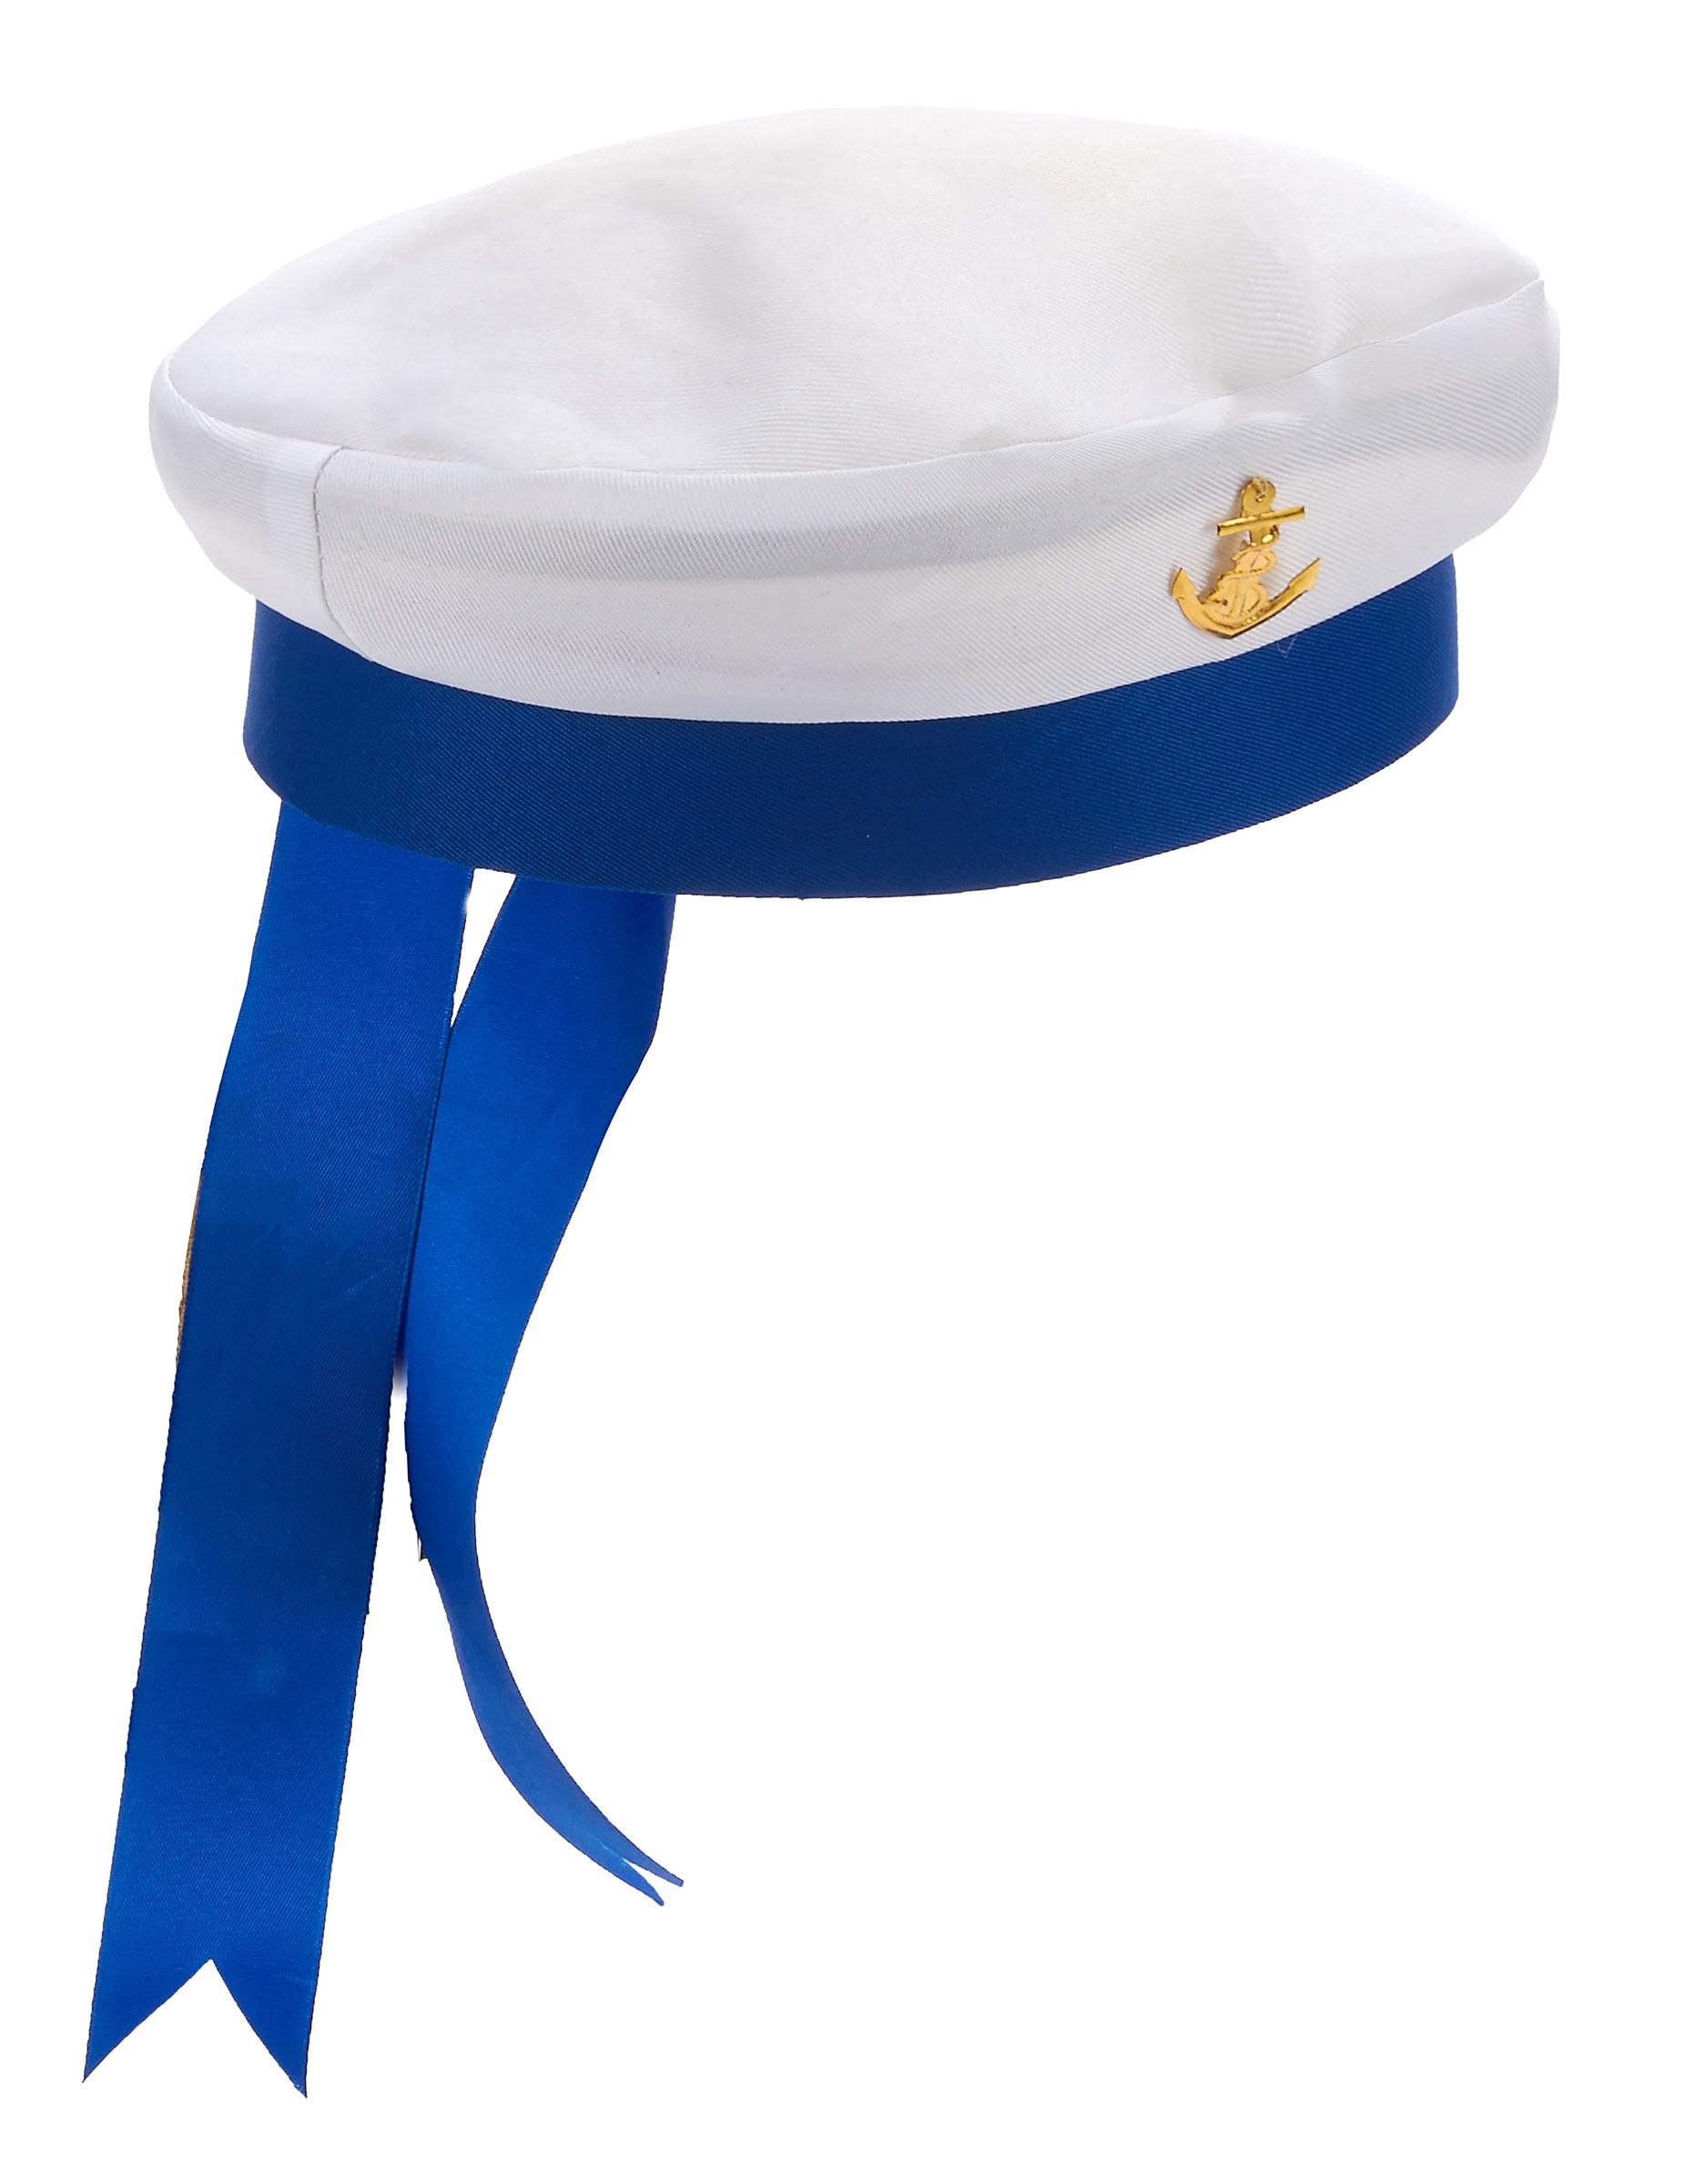 Cappelli Uniformi per costumi in maschera e feste di compleanno ... 3f7800cba9b3